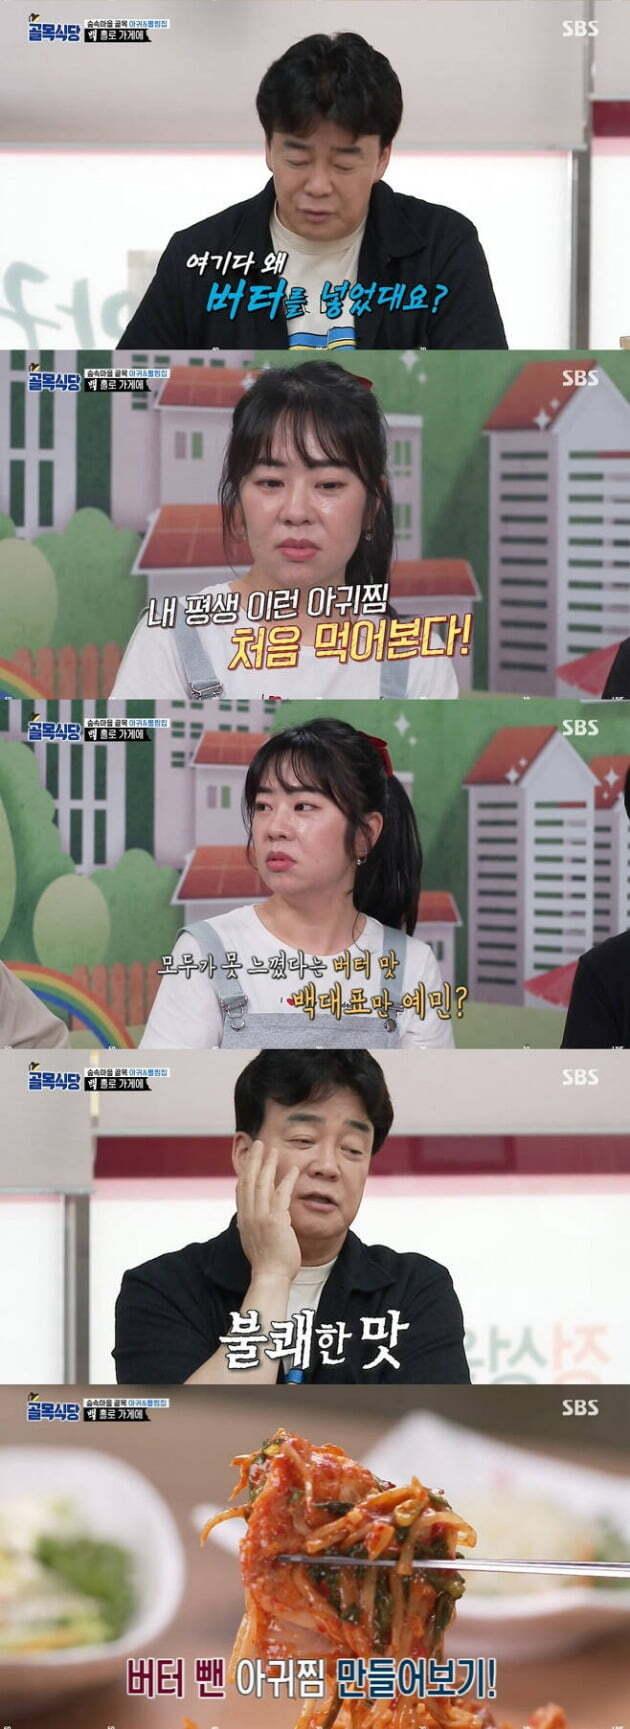 사진=SBS '골목식당' 방송 화면.